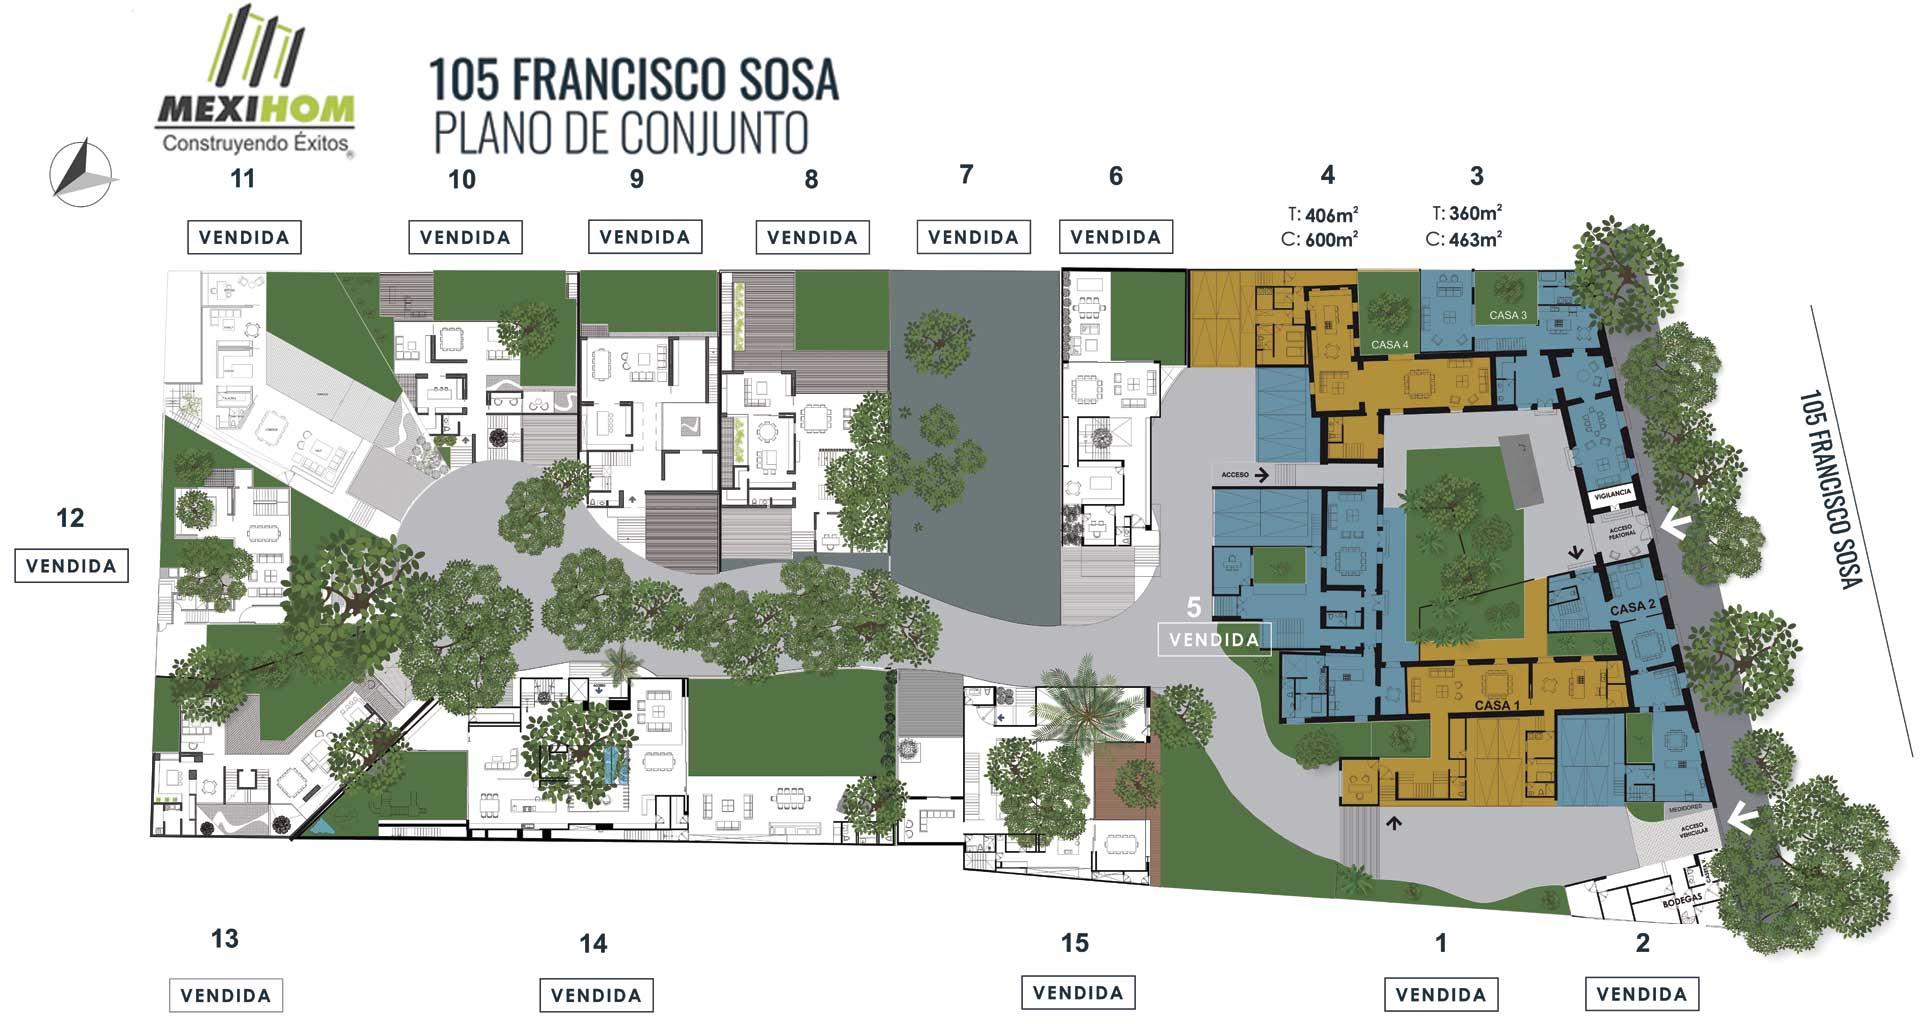 Residencias en venta en Coyoacán 105 Francisco Sosa Mexihom